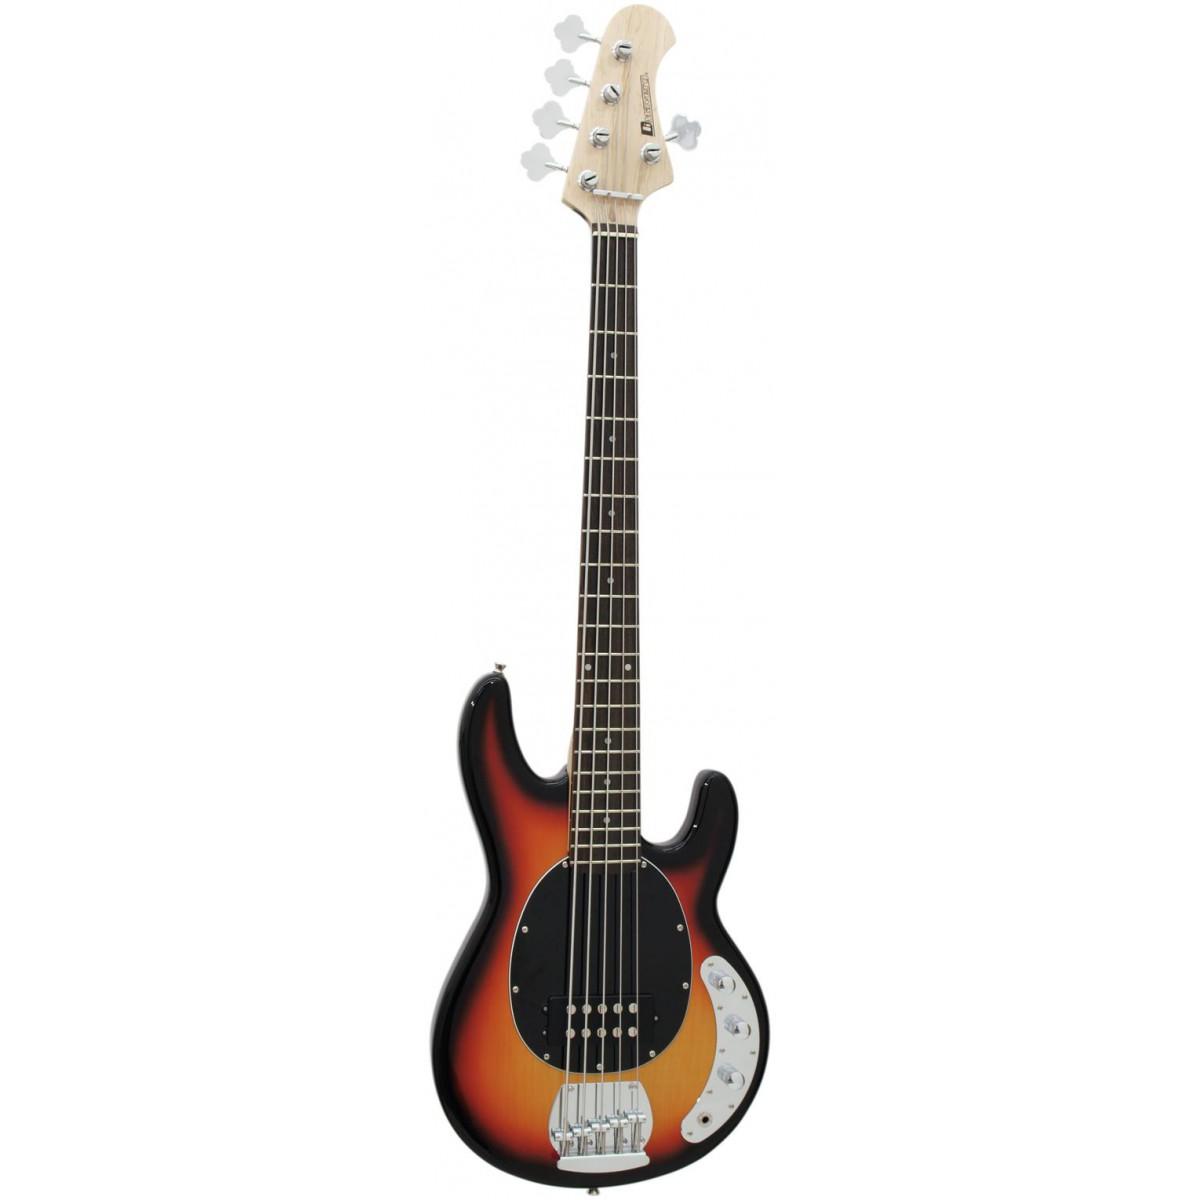 Dimavery MM-501, baskytara elektrická pětistrunná, stínovaná